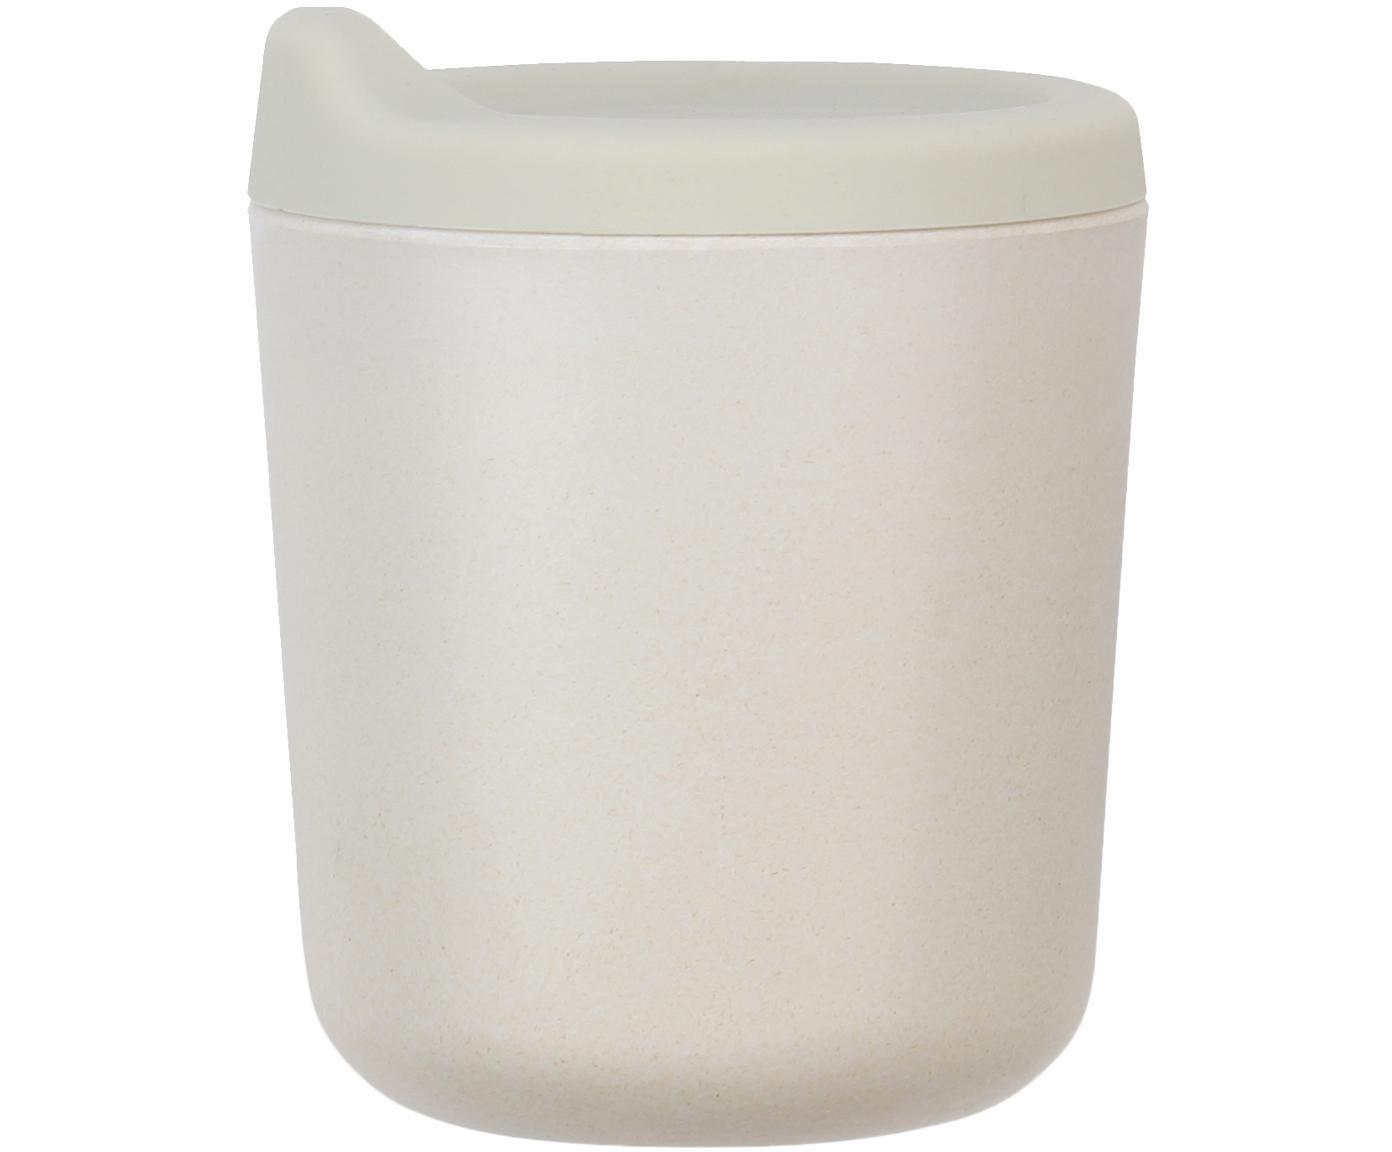 Trinkbecher Bambino, Bambusfasern, Melamin, lebensmittelecht BPA, PVC und Phthalate frei, Hellgrau, Ø 7 x H 9 cm